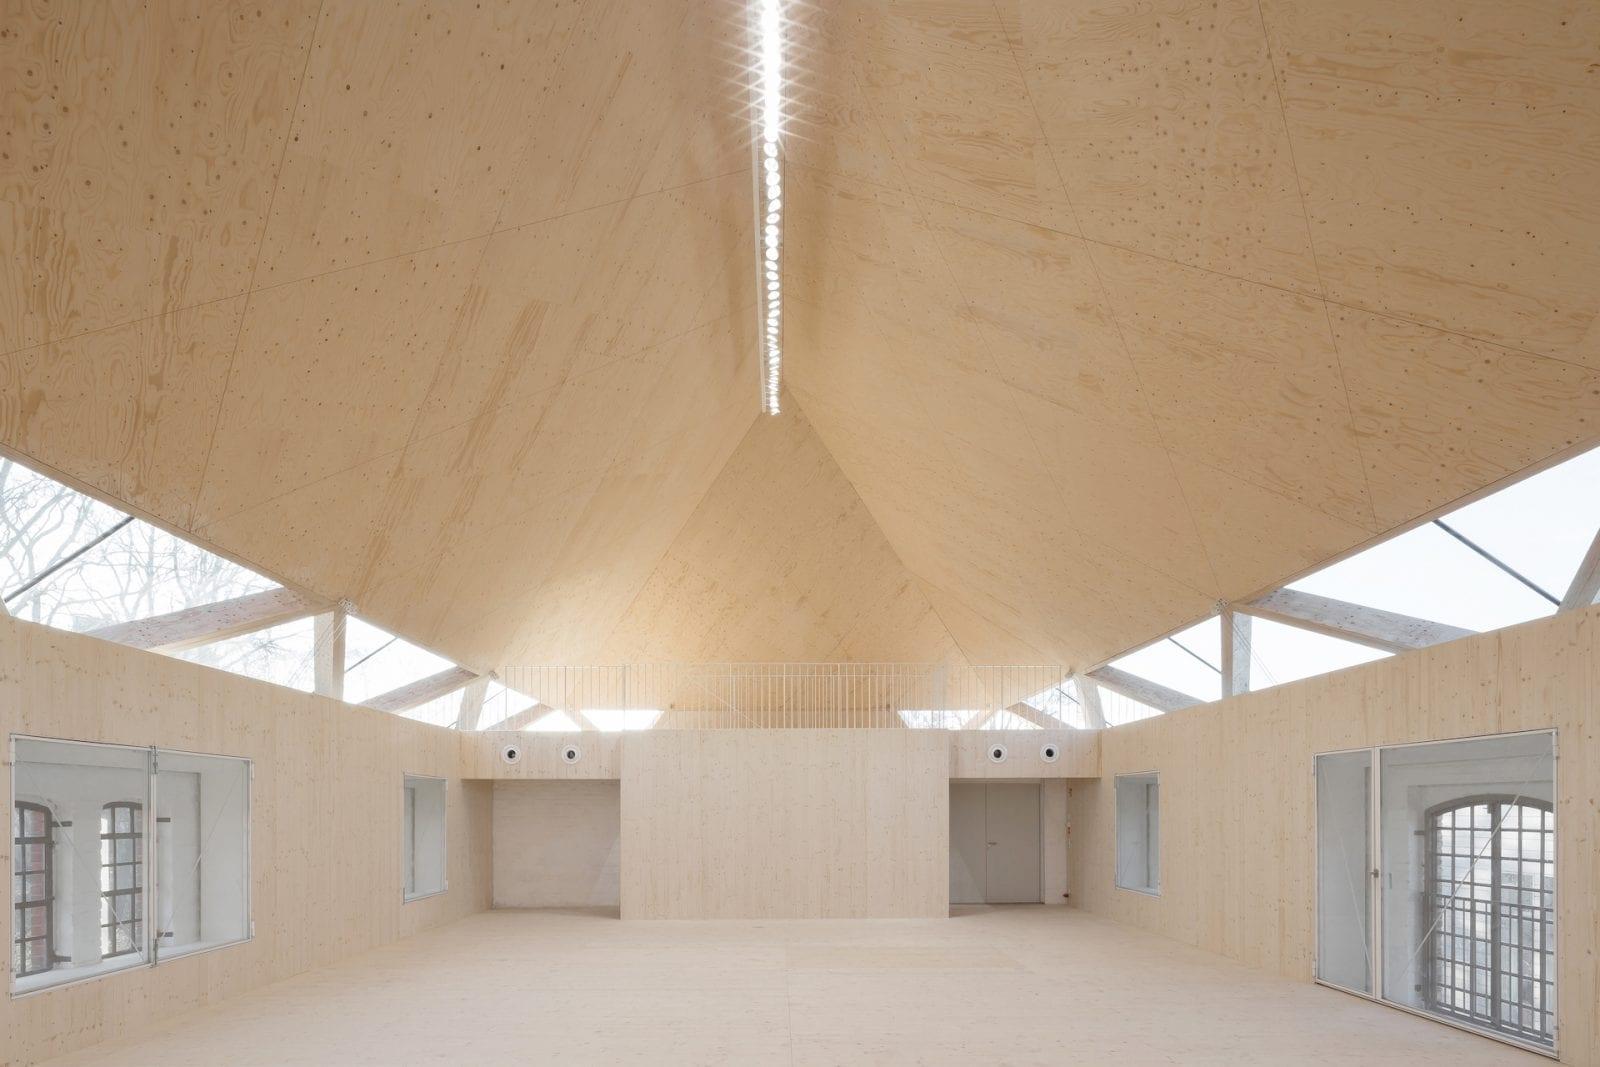 Die denkmalgeschützte ehemalige Reiterkaserne auf dem Kulturcampus Münster (Foto: Andreas Schüring Architekten BDA)